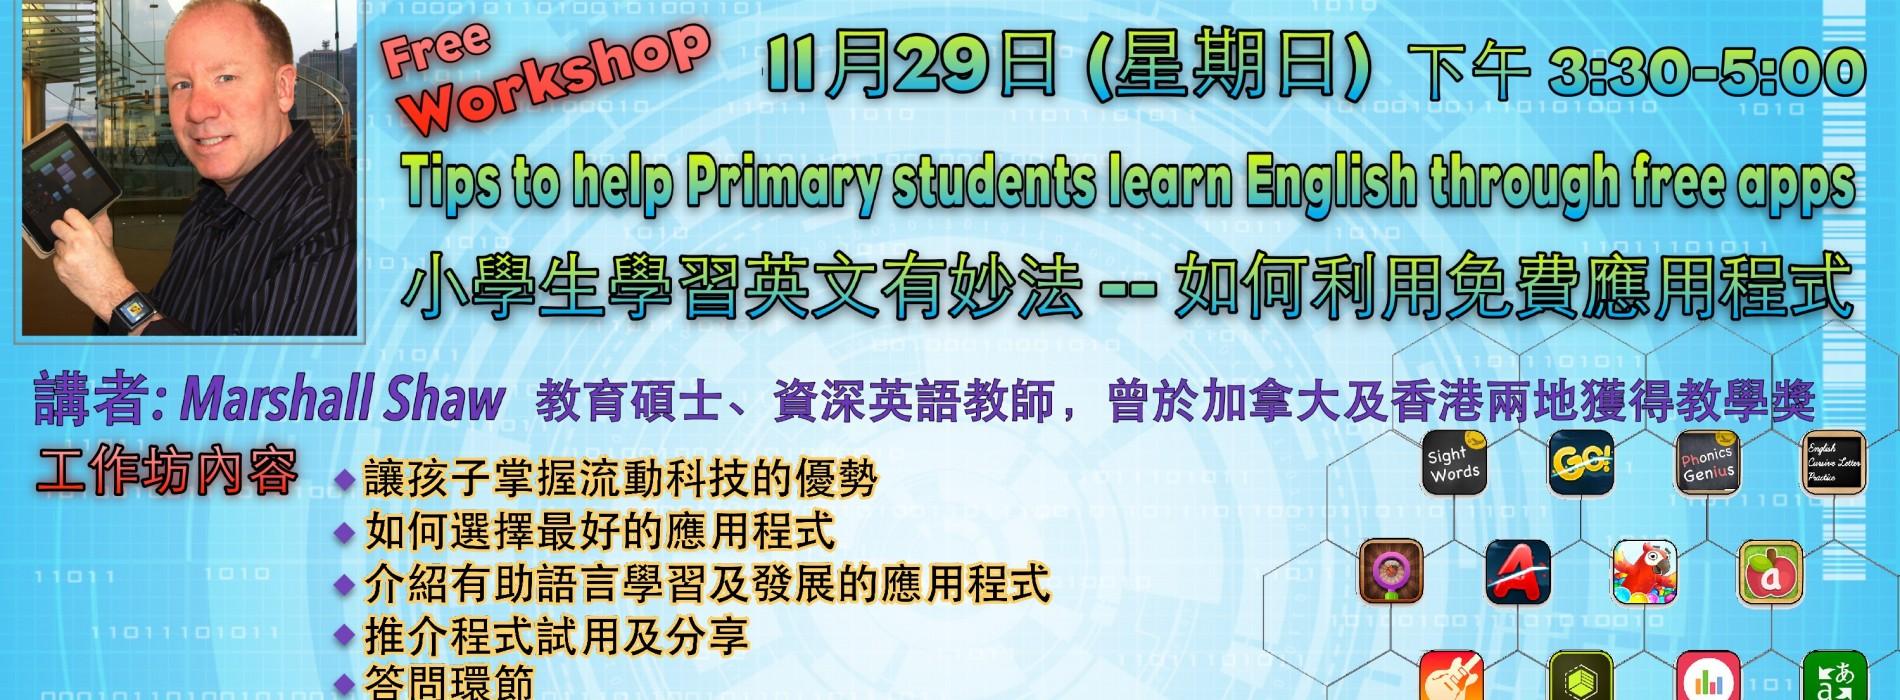 最後召集:免費Apps提升小學生英語能力 .家長講座暨工作坊[29/11]